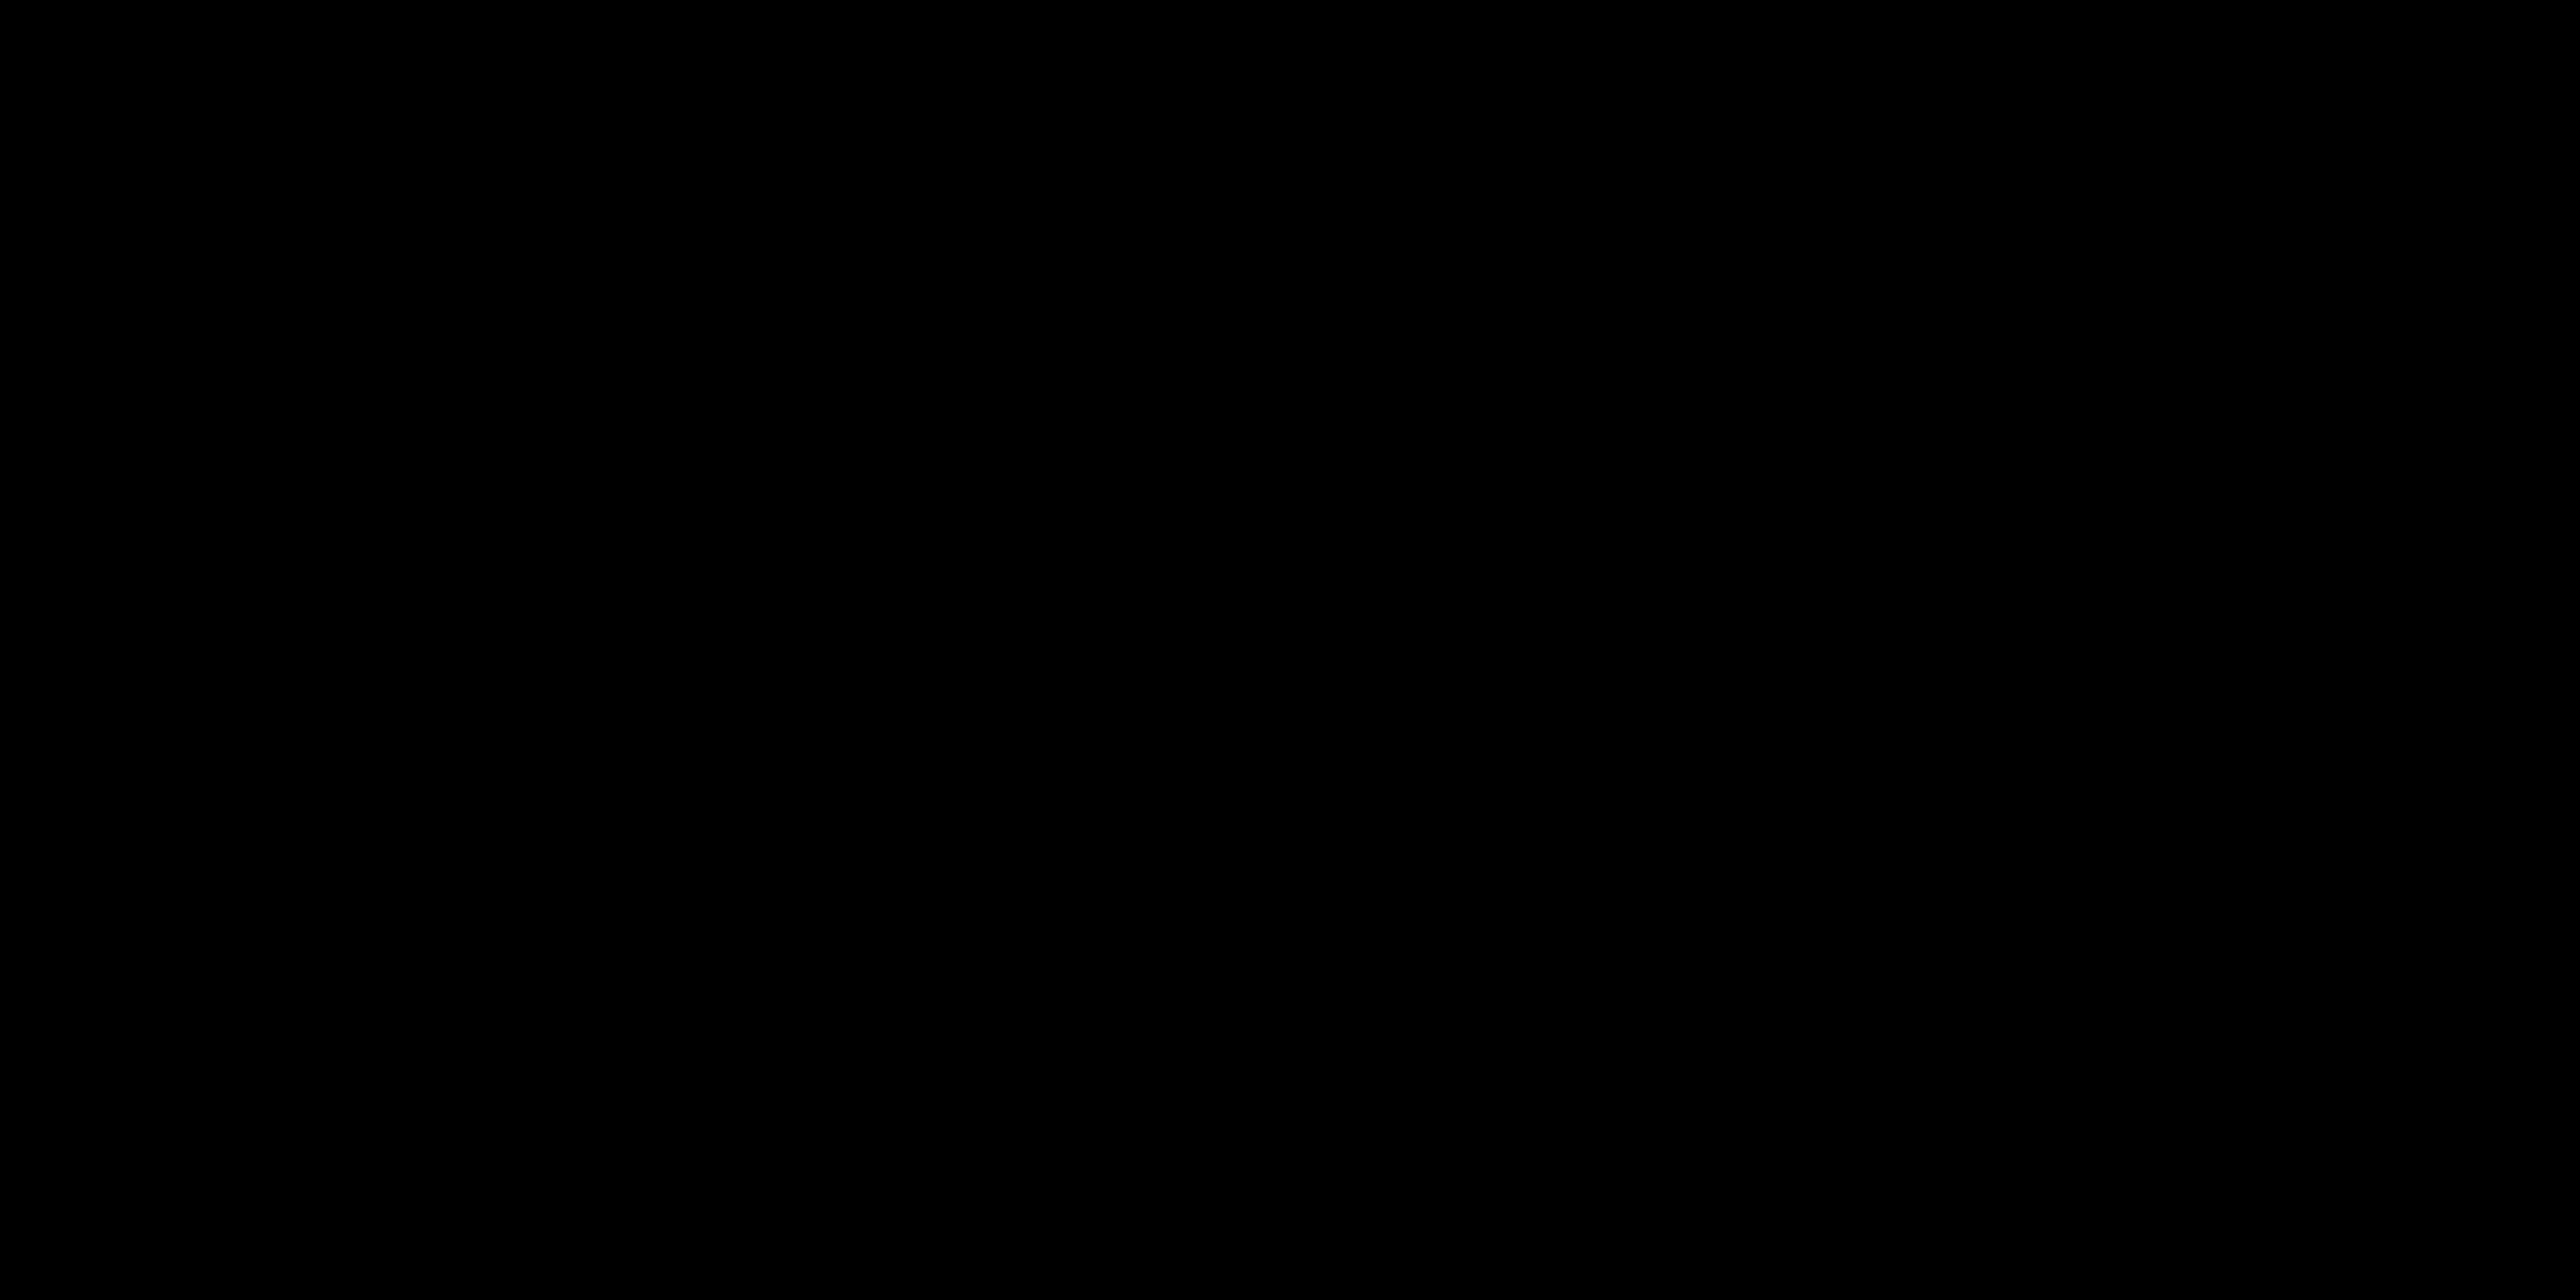 Paauwe_Coauthorship_Network